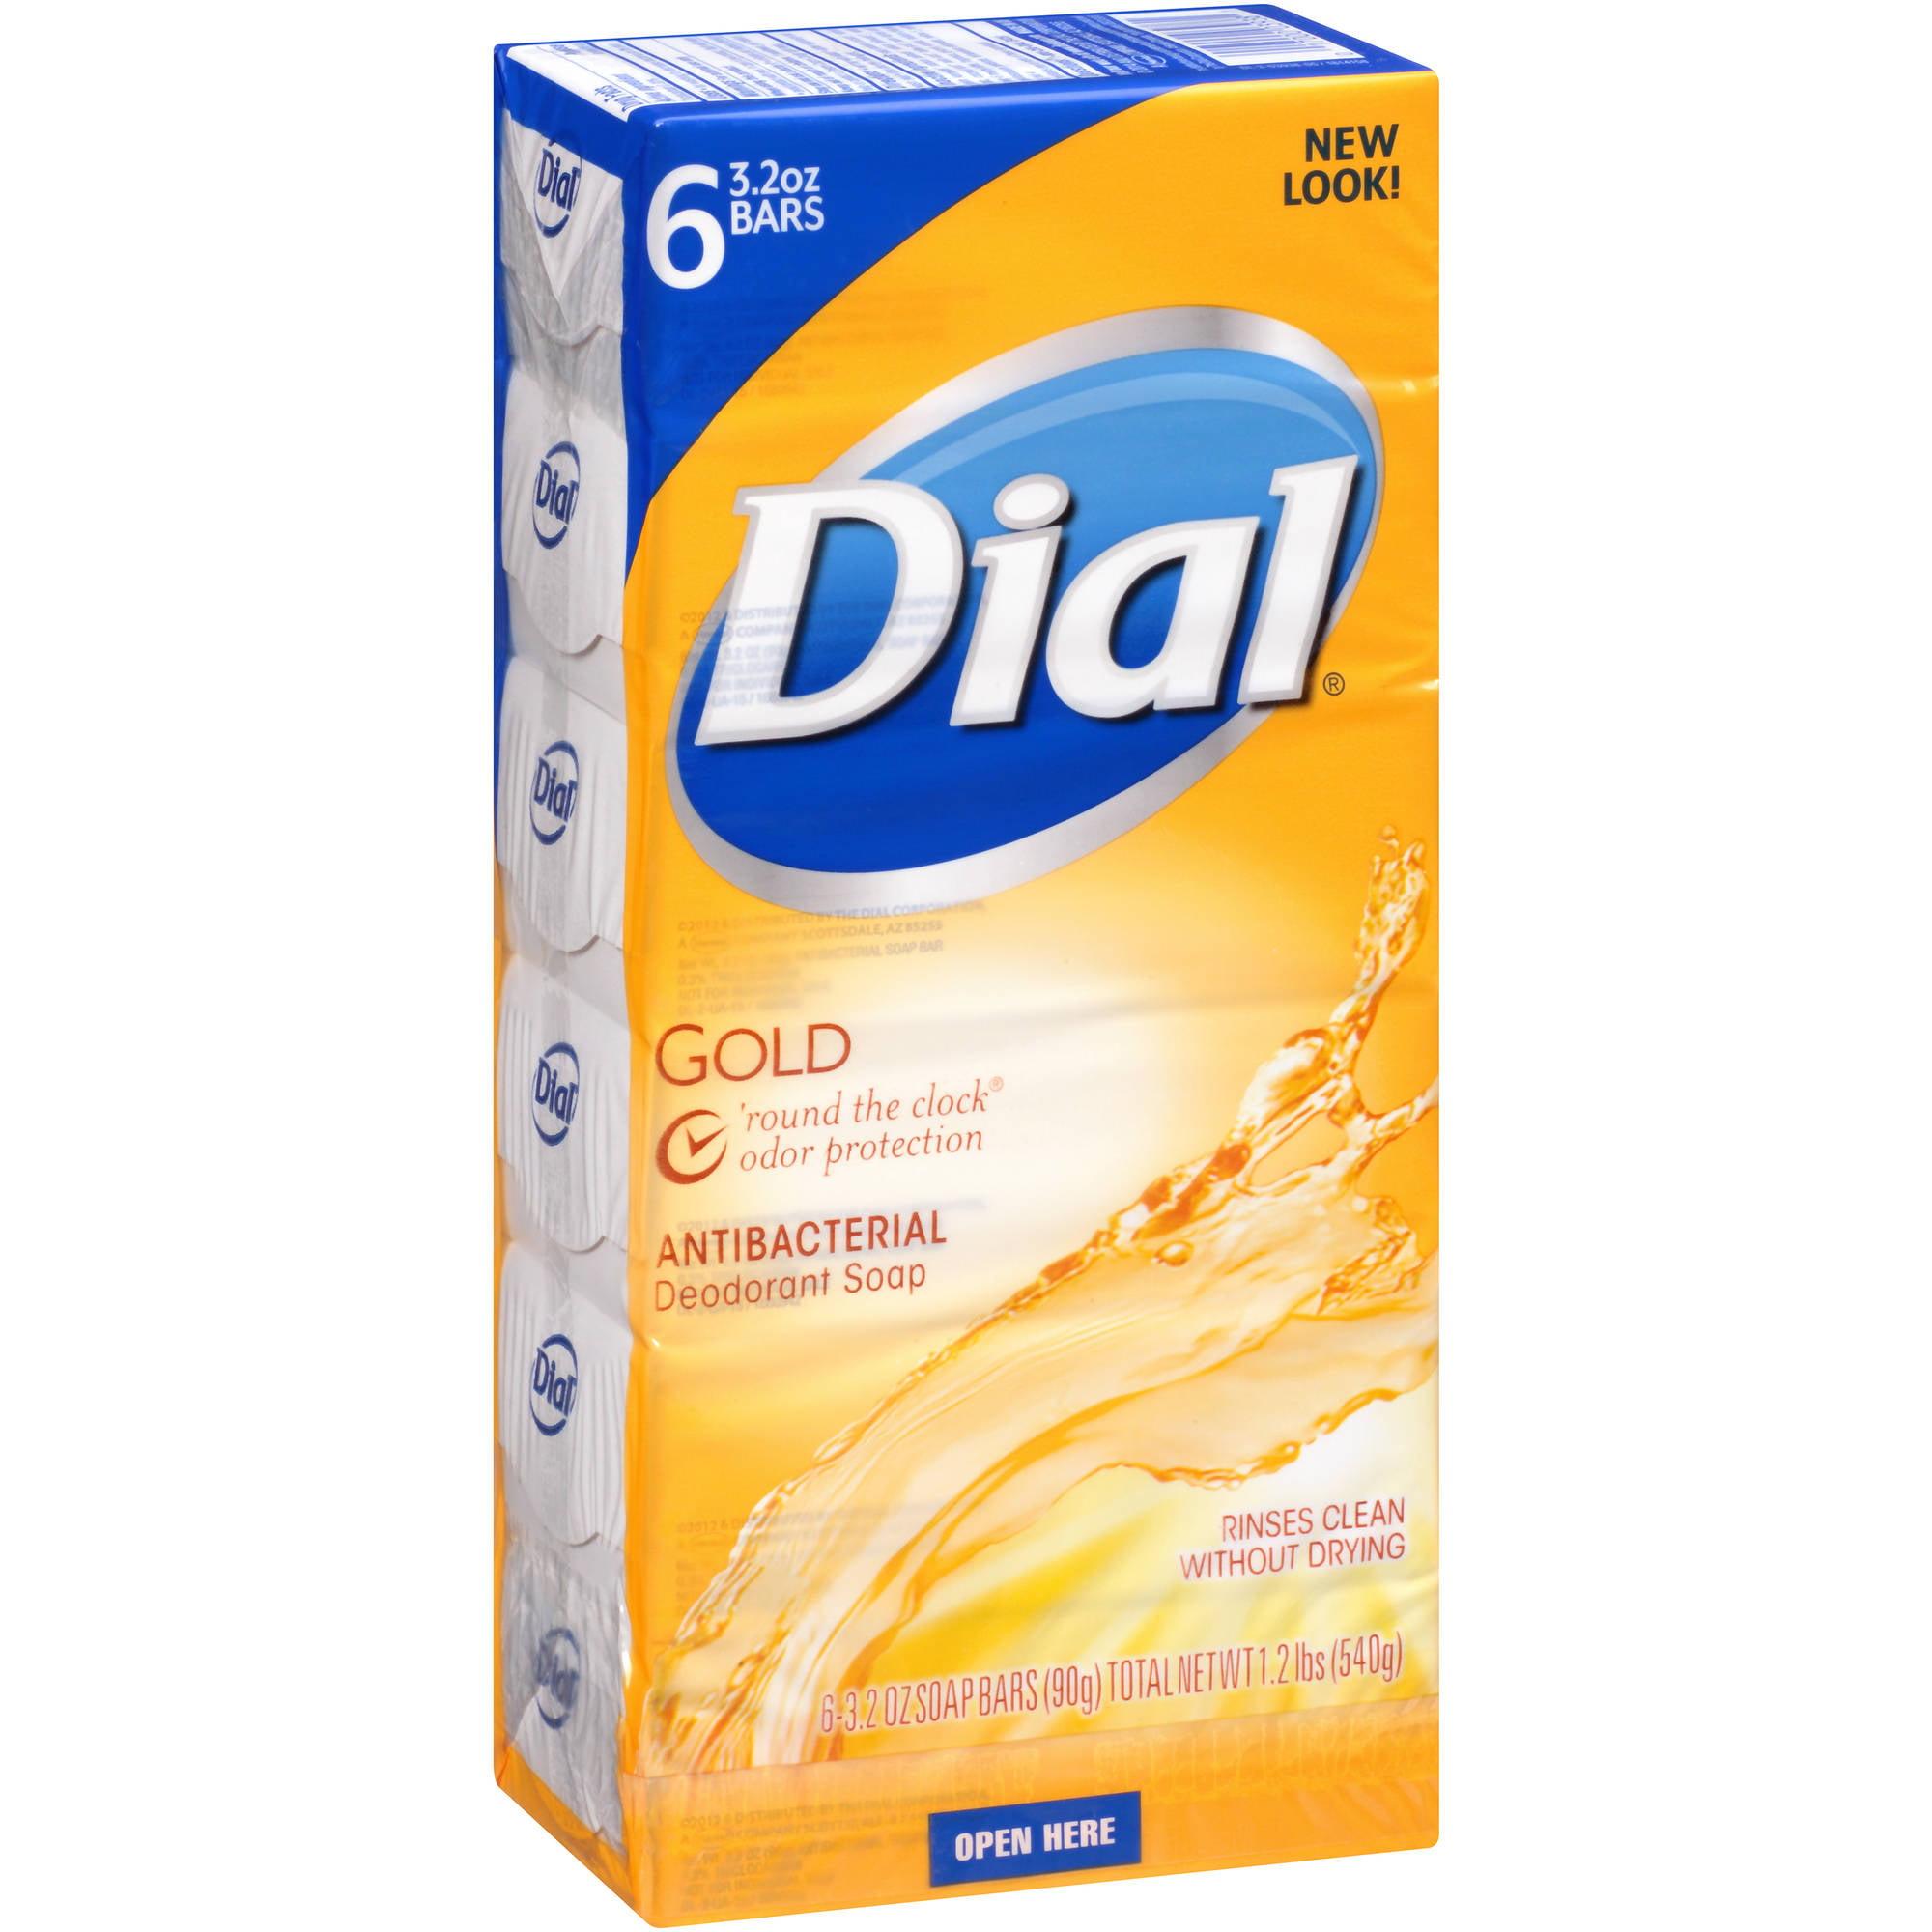 Dial Gold Antibacterial Deodorant Bar Soap, 6-Pack